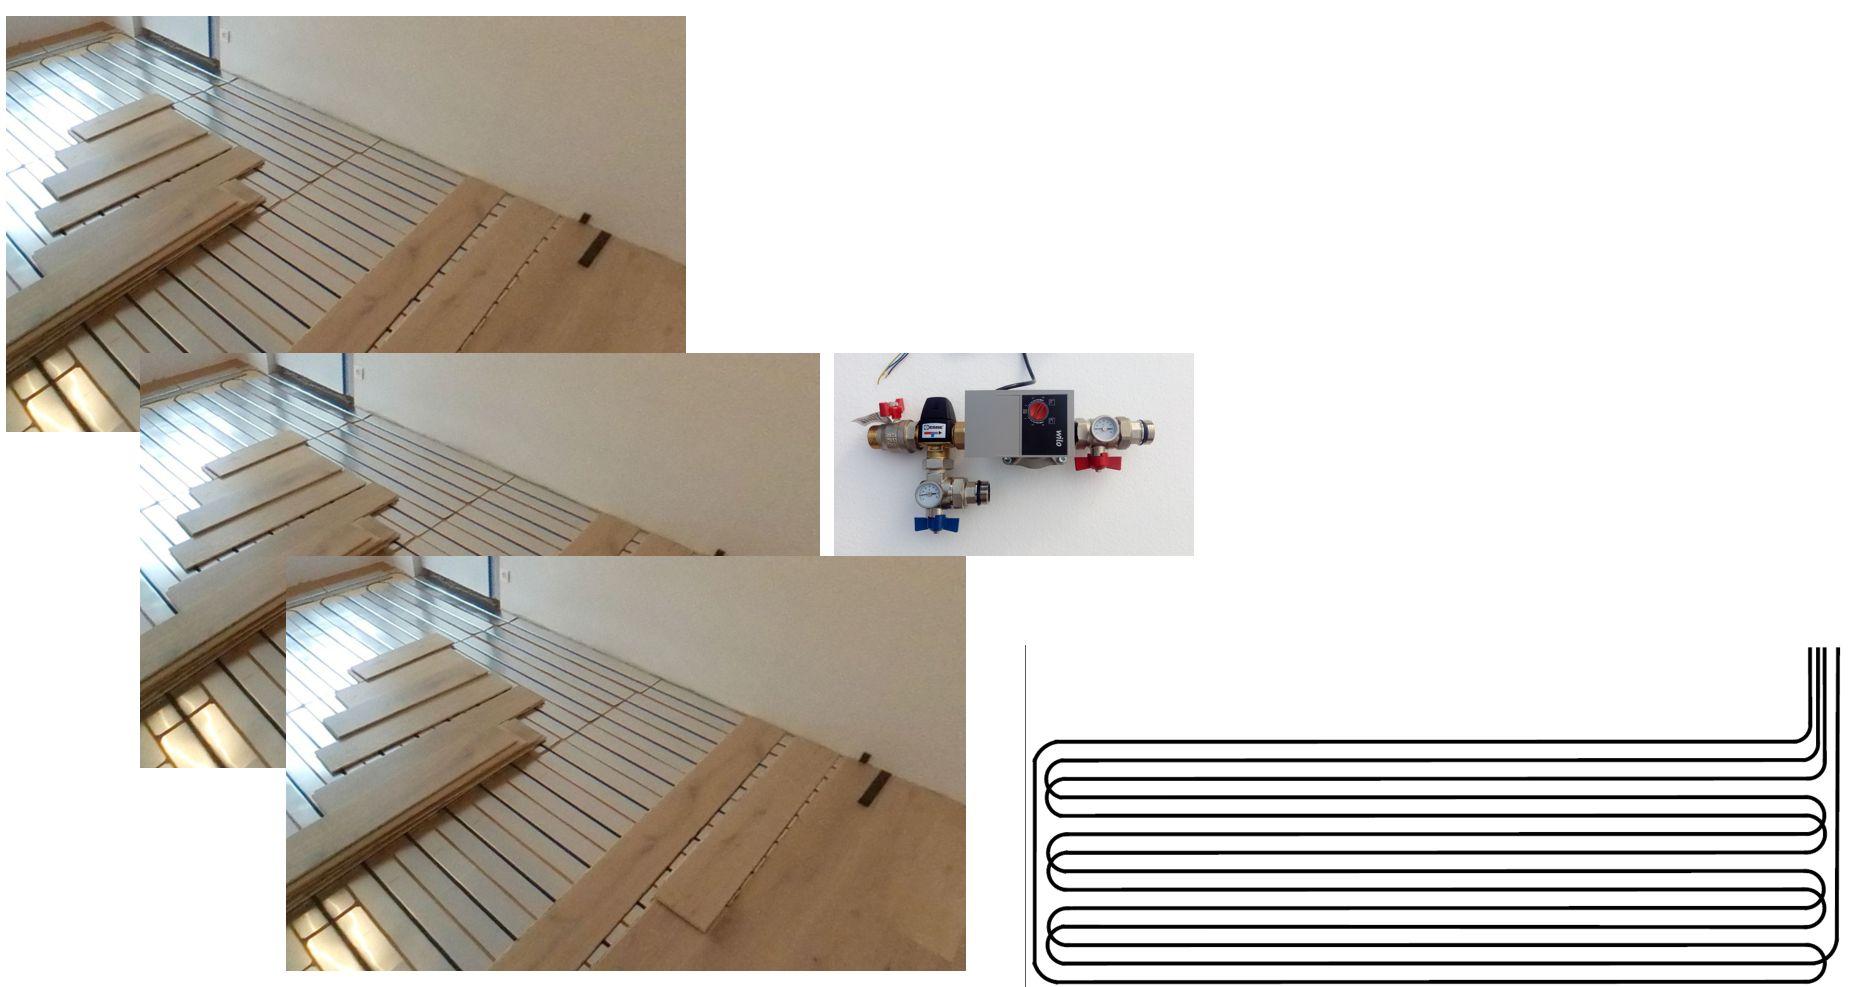 Climatisation pour combles 3 pièces - plancher chauffant rafraîchissant - géocooling